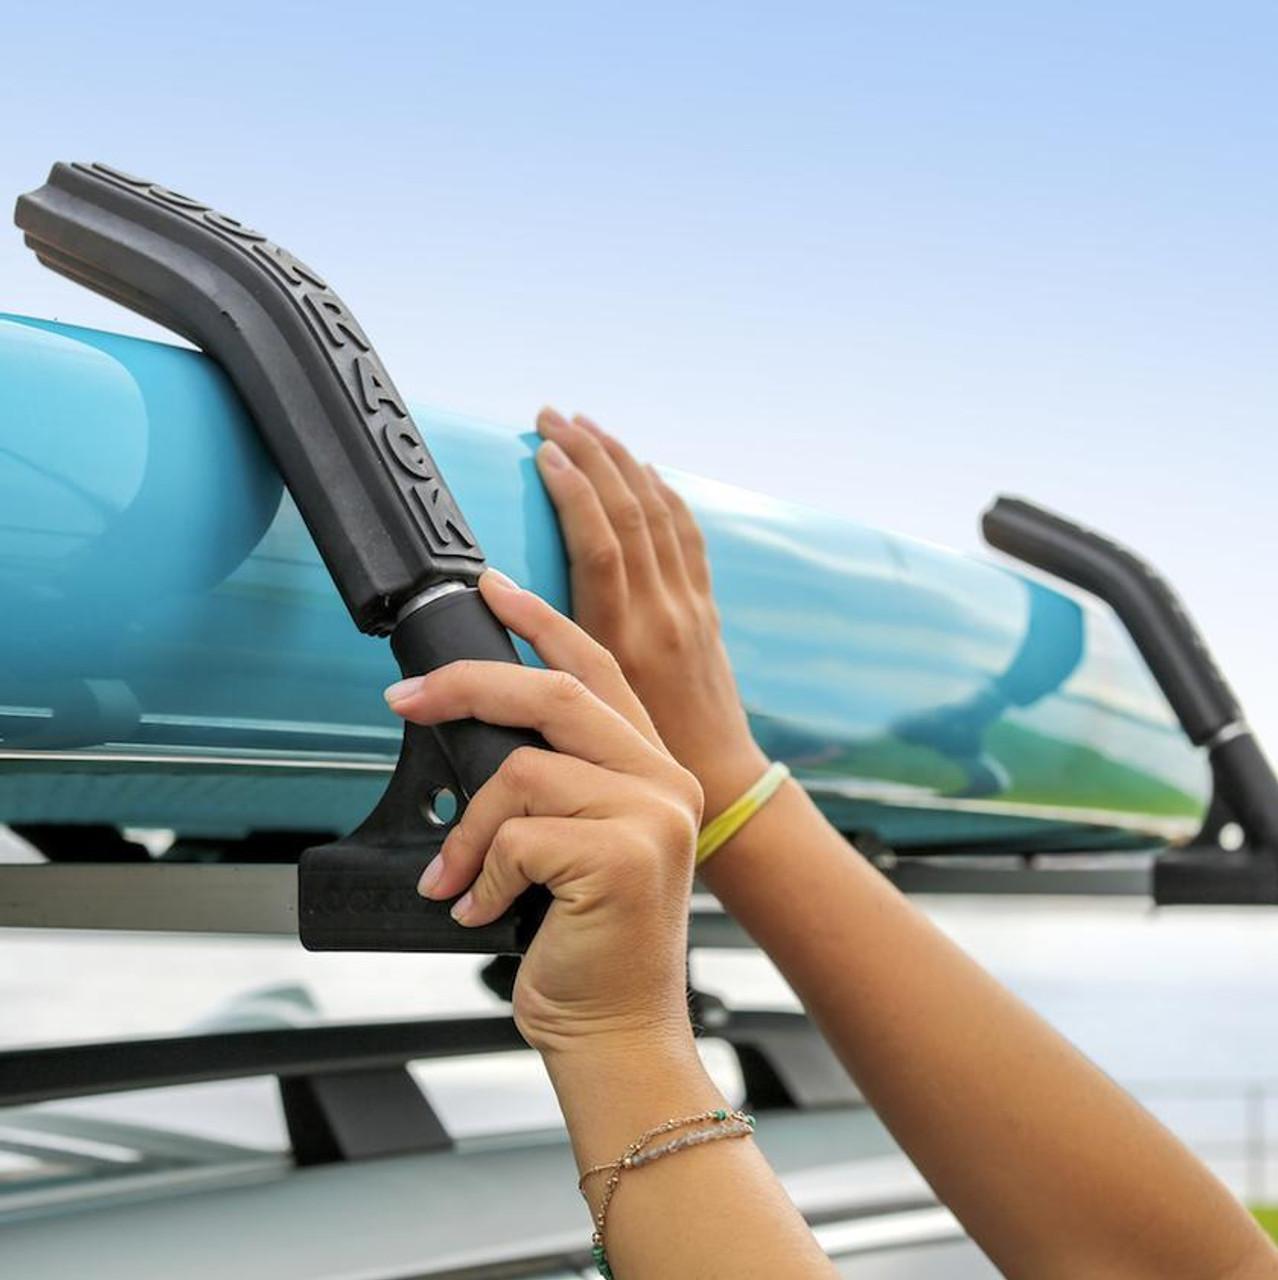 Locking Single SUP Roof Rack | Adjustable Arms